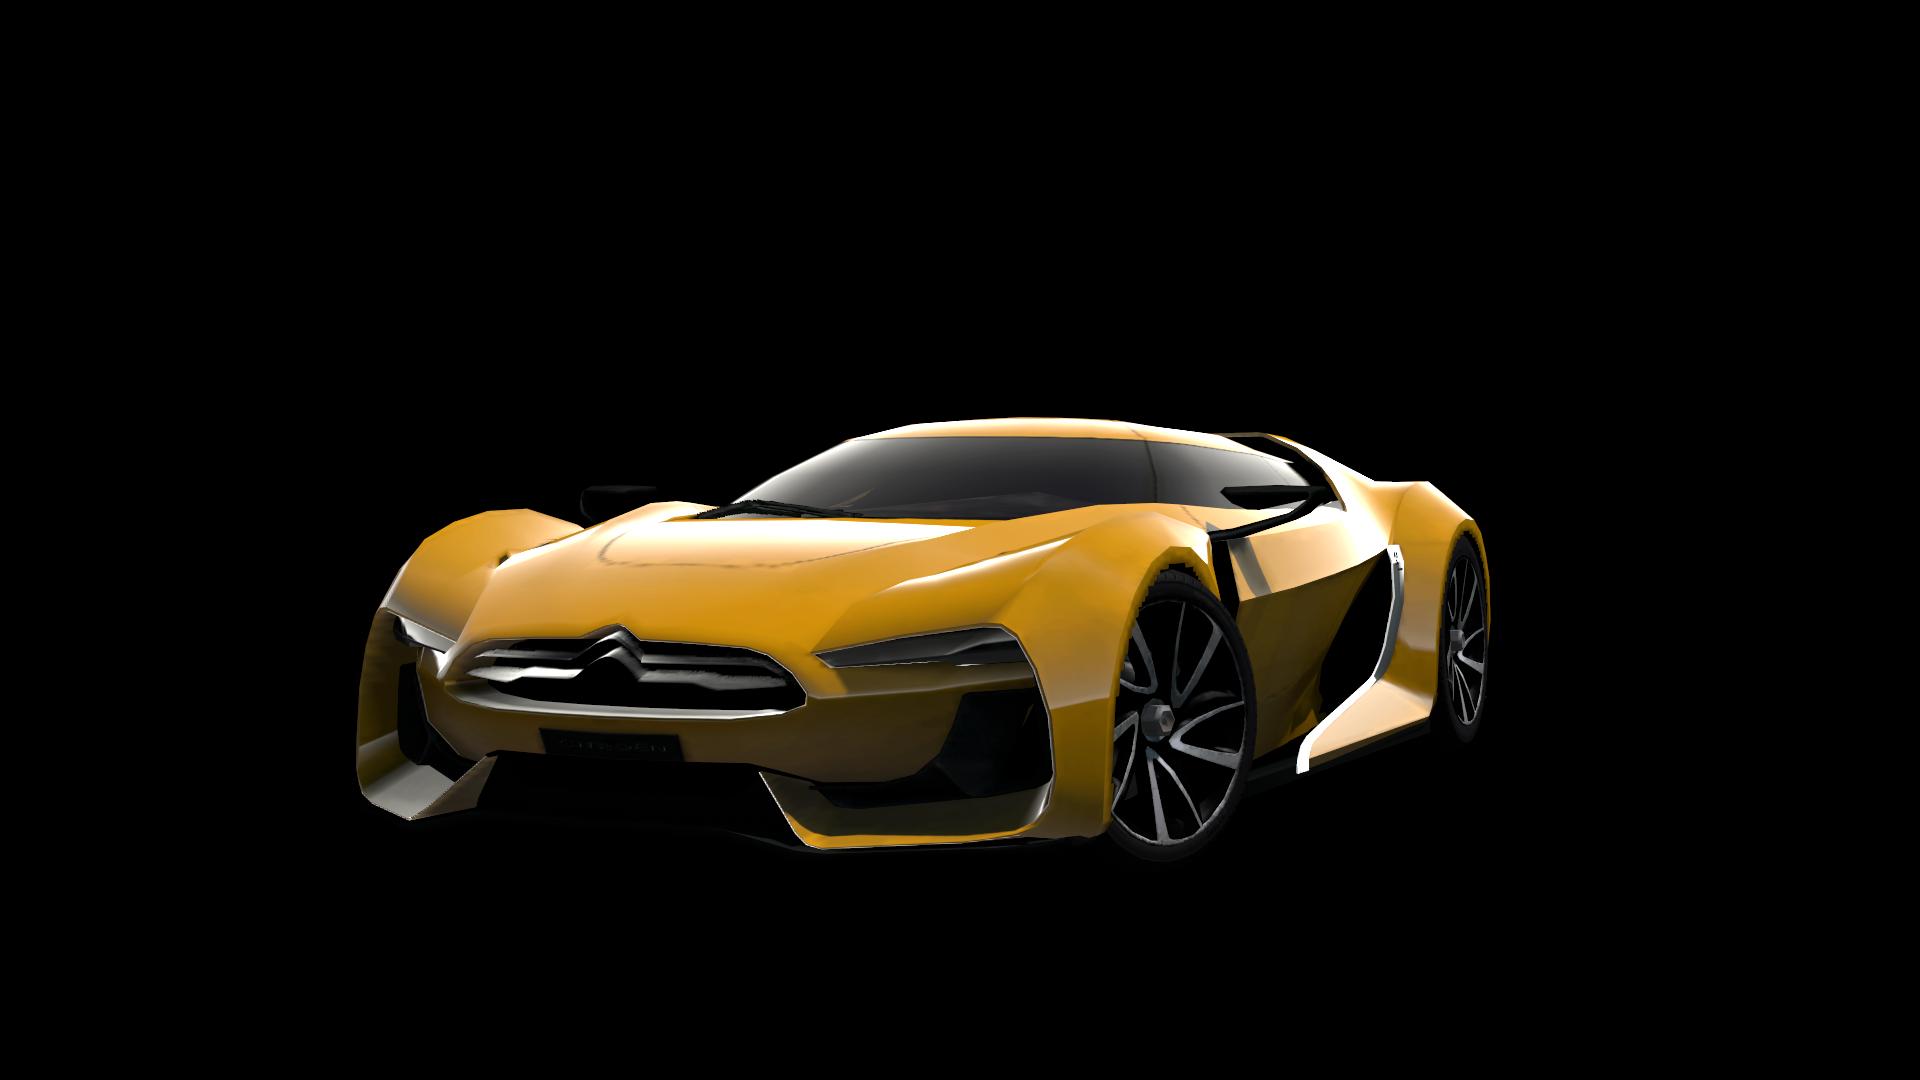 Lamborghini Bugatti Coming To Gran Turismo Series